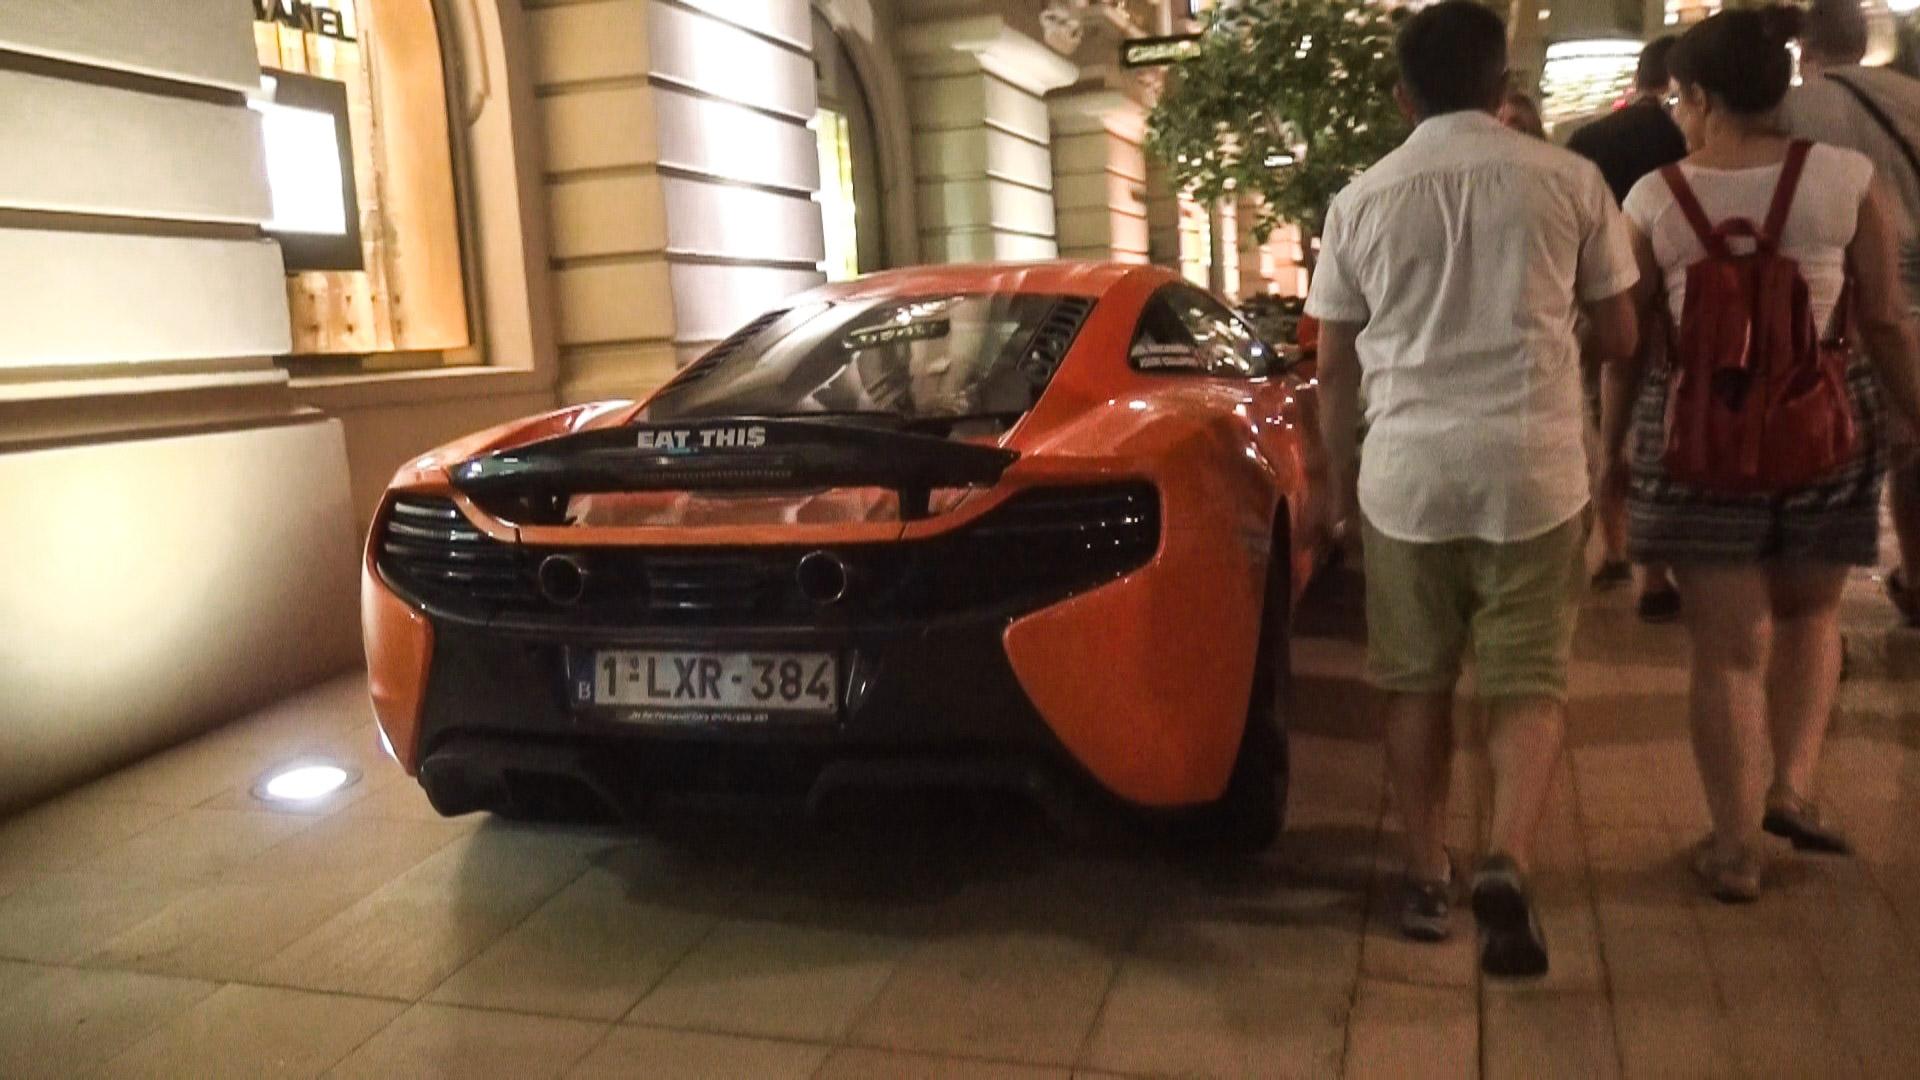 McLaren 675 LT  - 1-LXR-384 (BEL)